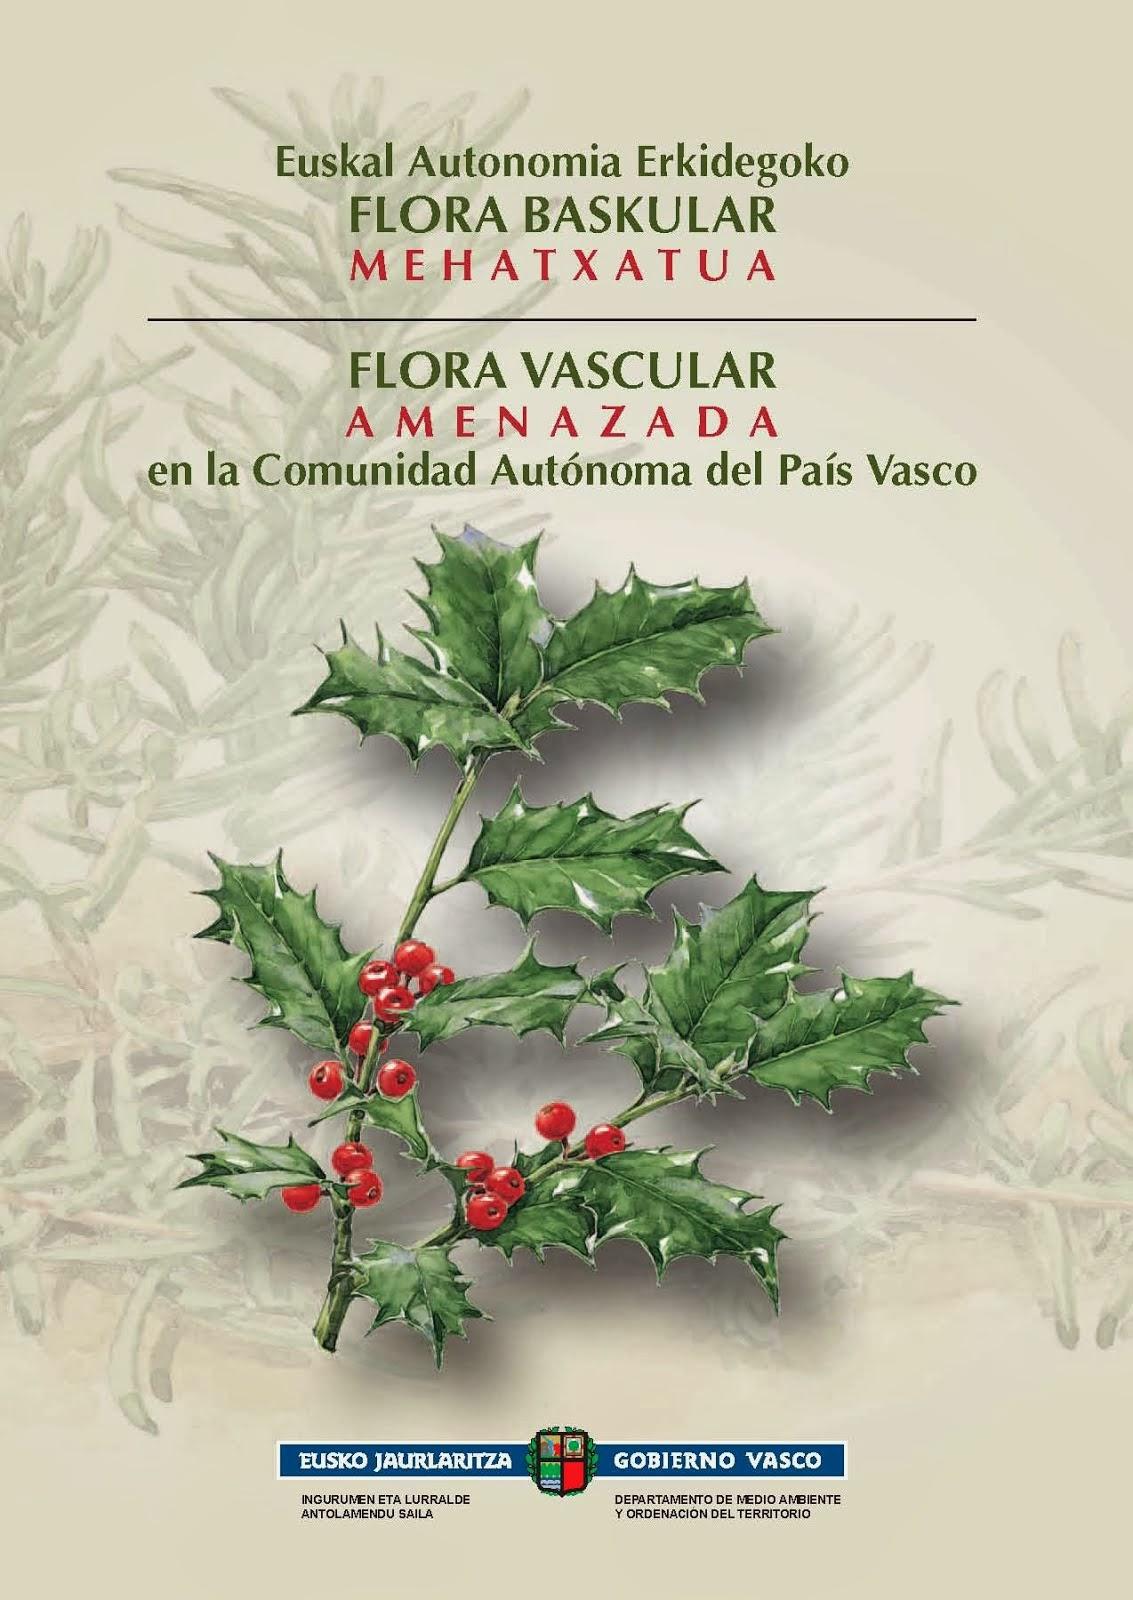 Flora Baskular meatxatuta